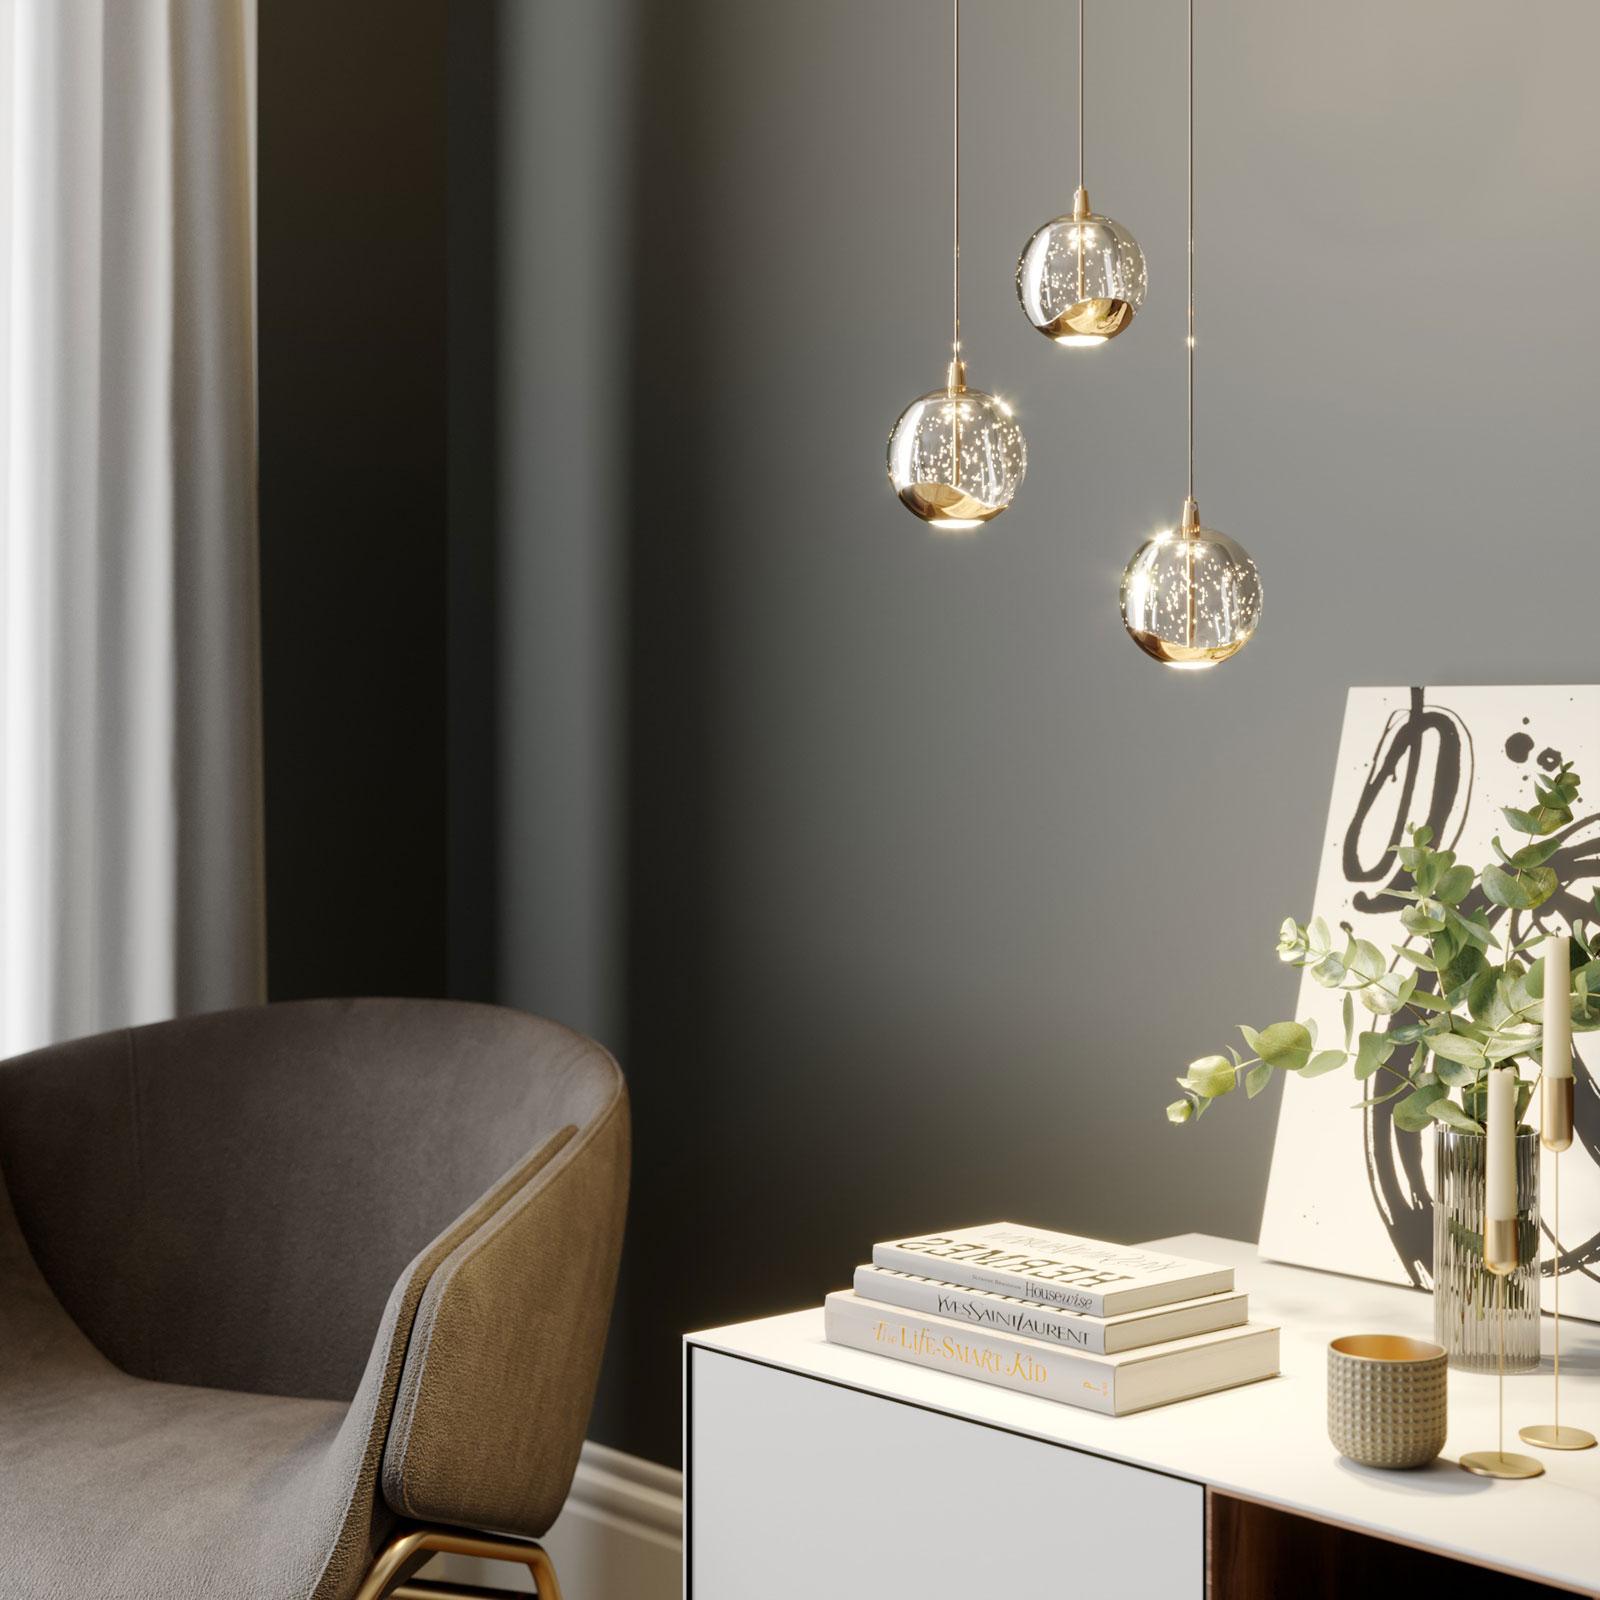 Lampa wisząca LED Hayley szklana kula 3-pkt. złota